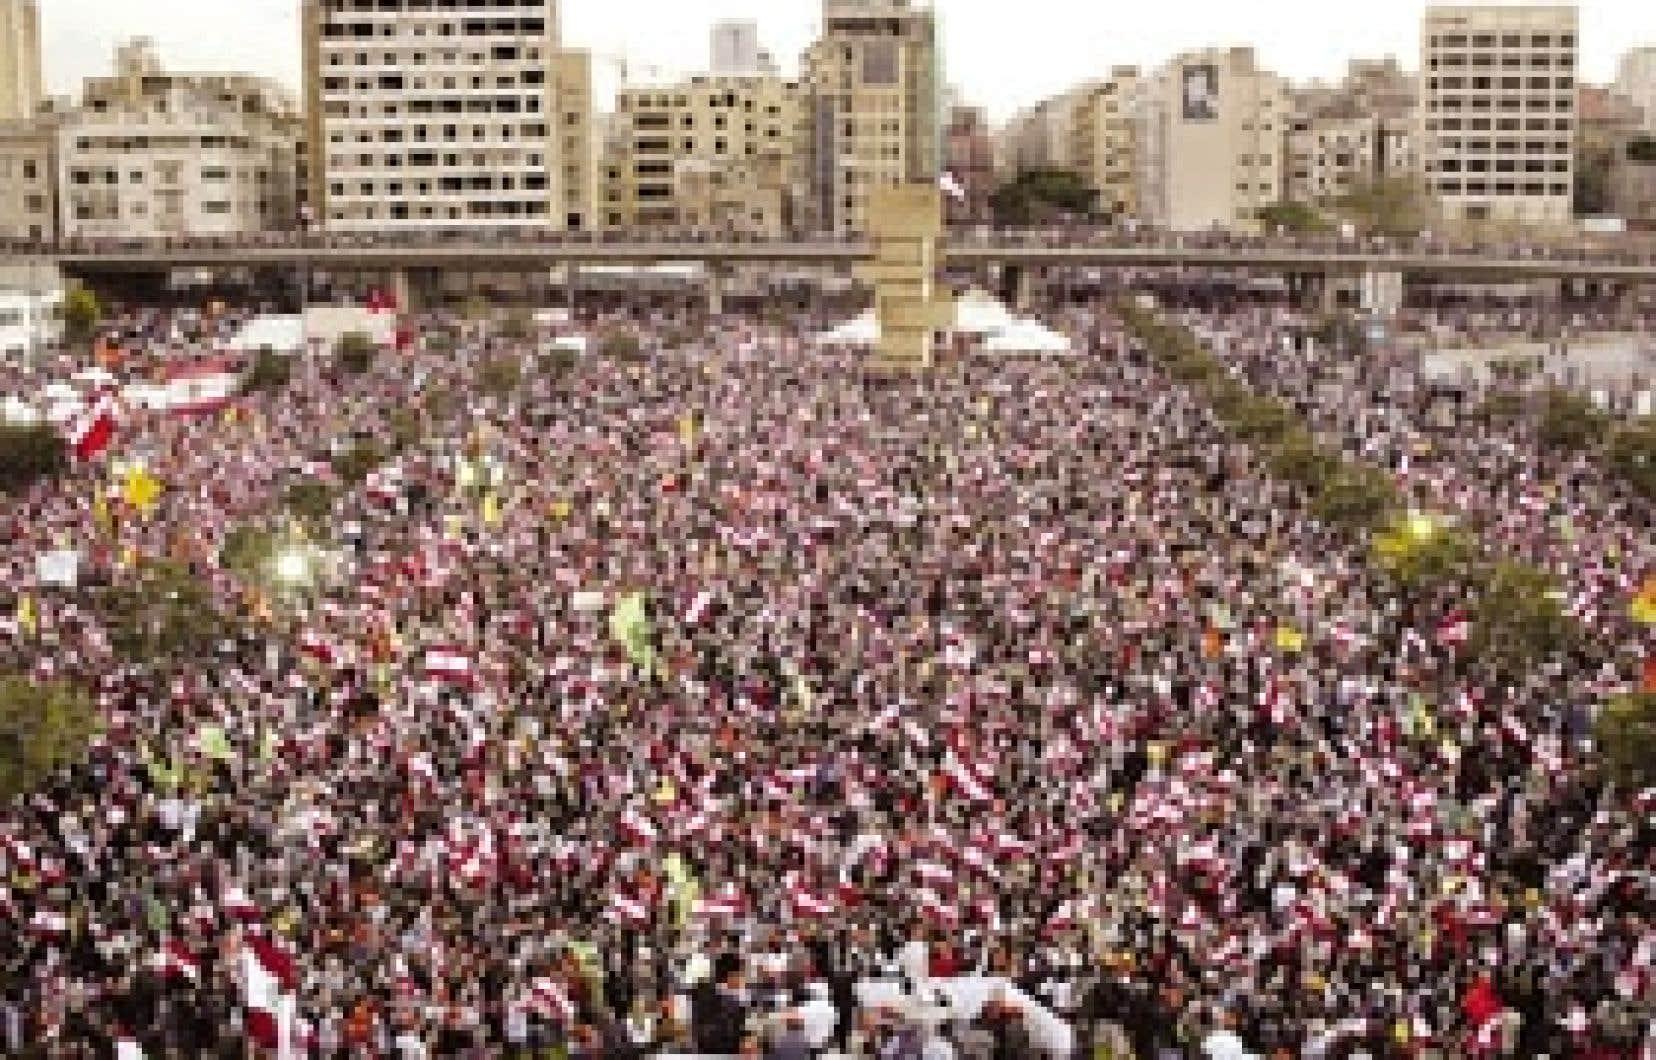 Le ralliement de plusieurs centaines de milliers de personnes s'est déroulé sans incident.